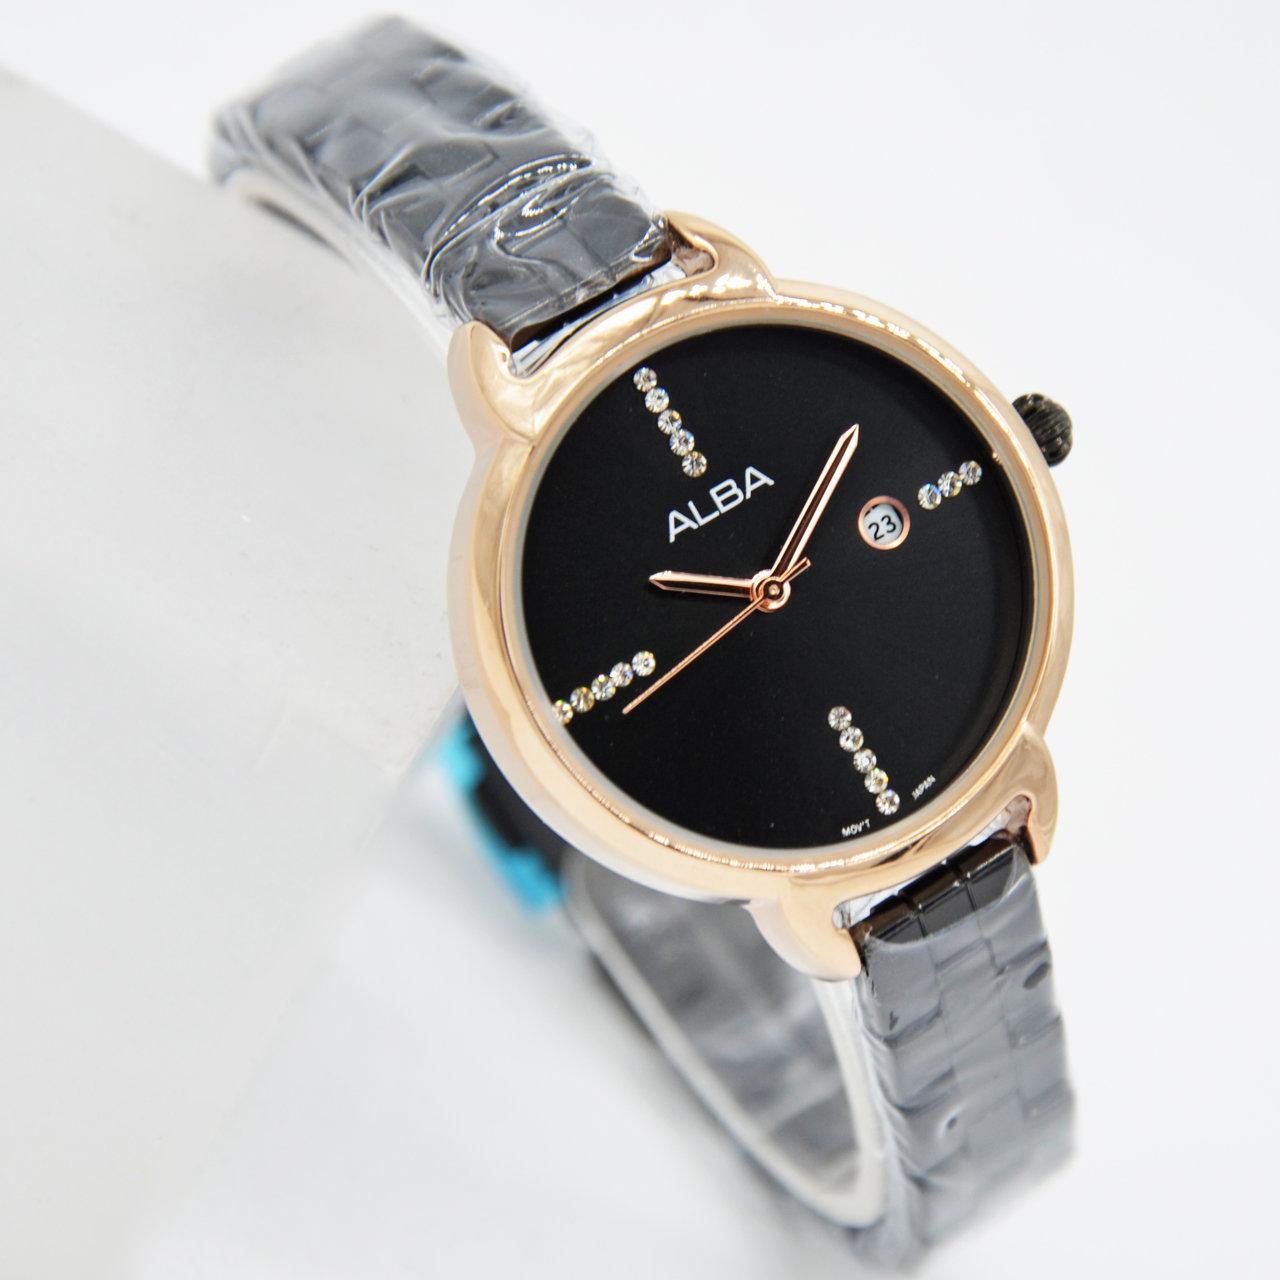 Jam Tangan Fashion Wanita Alba AH7943X1 - Active Date   Tanggal Aktif -  Free  Gratis 11c9908a65